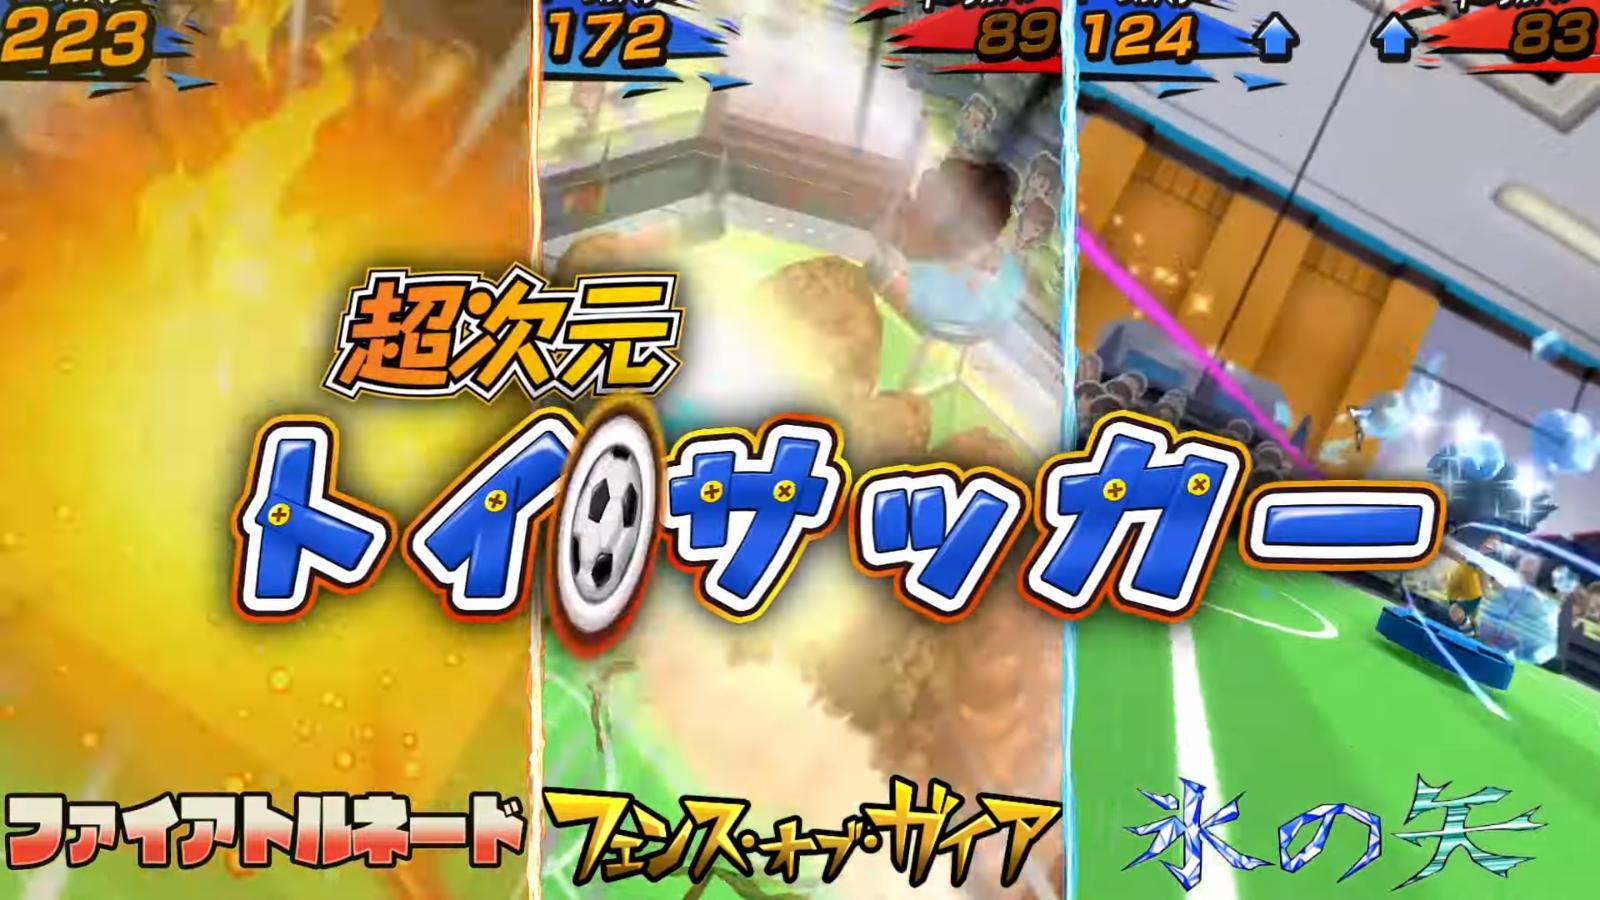 Inazuma Eleven SD 1392019 3